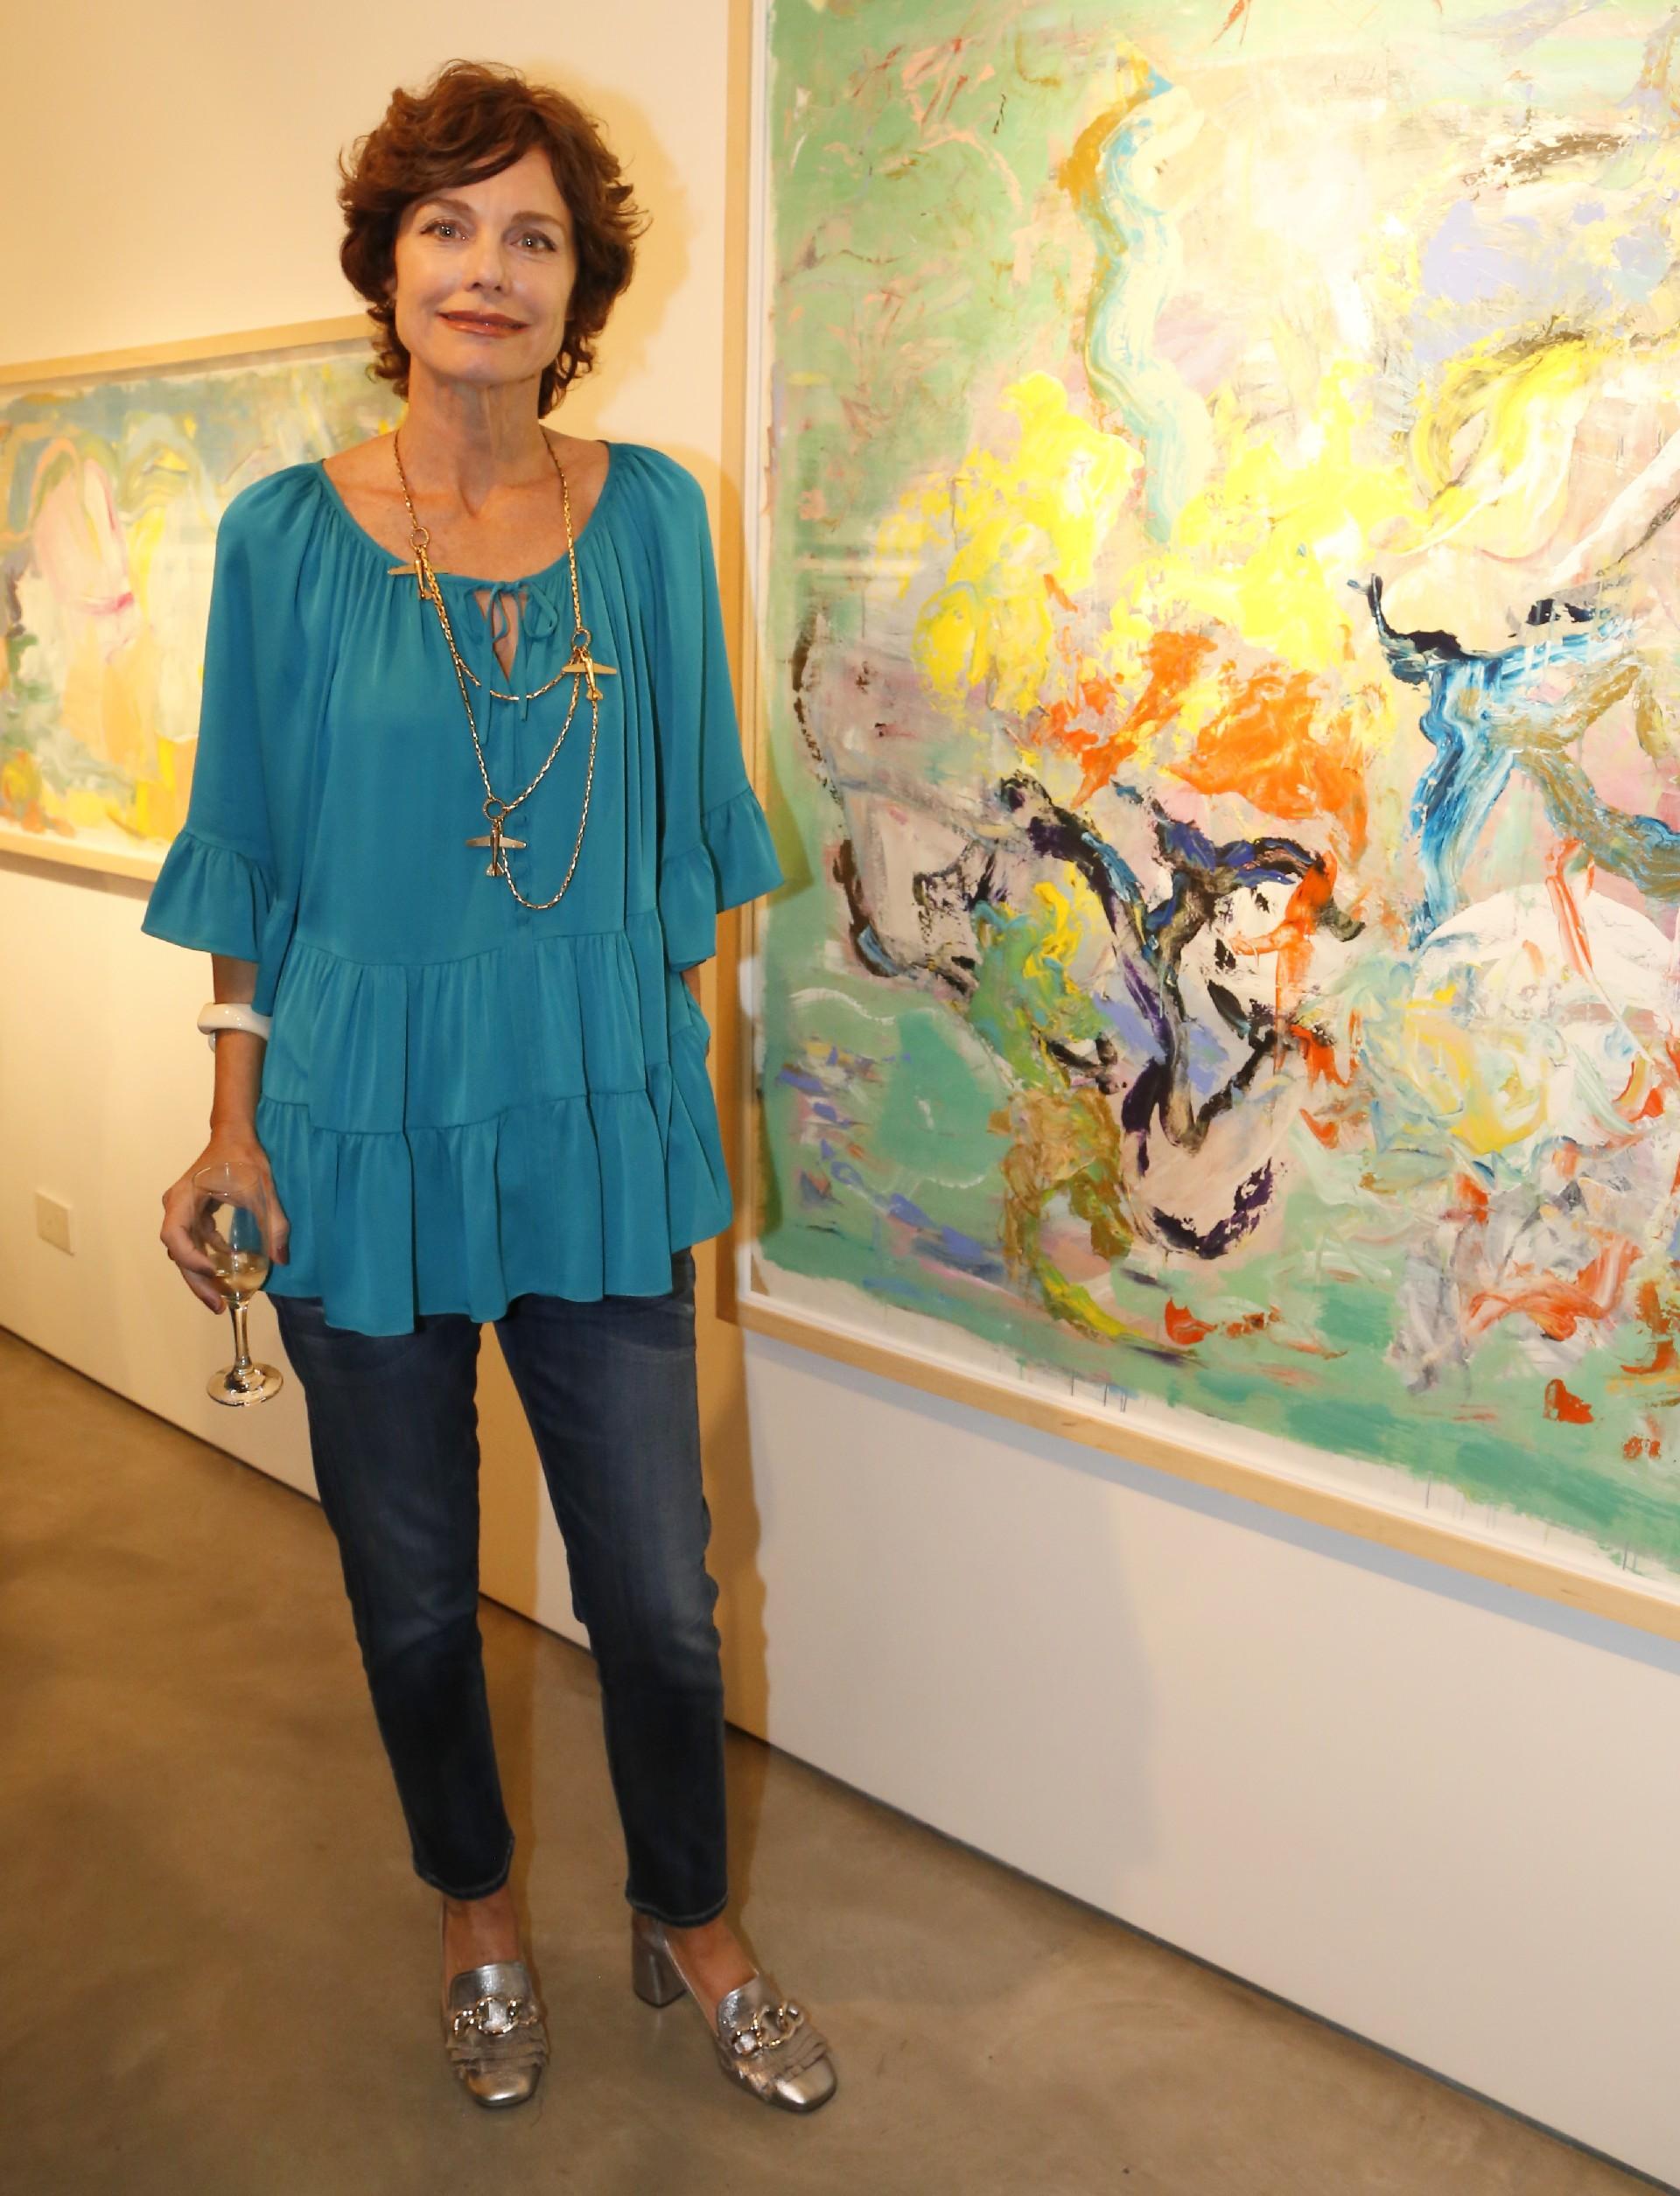 """Flavia Martini en la presentación de sus pinturas más recientes en Otto Galería. """"Esta es mi quinta muestra, pinto abstracto y con mucho color. Me gusta trabajar los fondos con los opuestos: las oposiciones en color y en texturas"""", contó a Infobae /// Fotos: Nicolás Aboaf"""